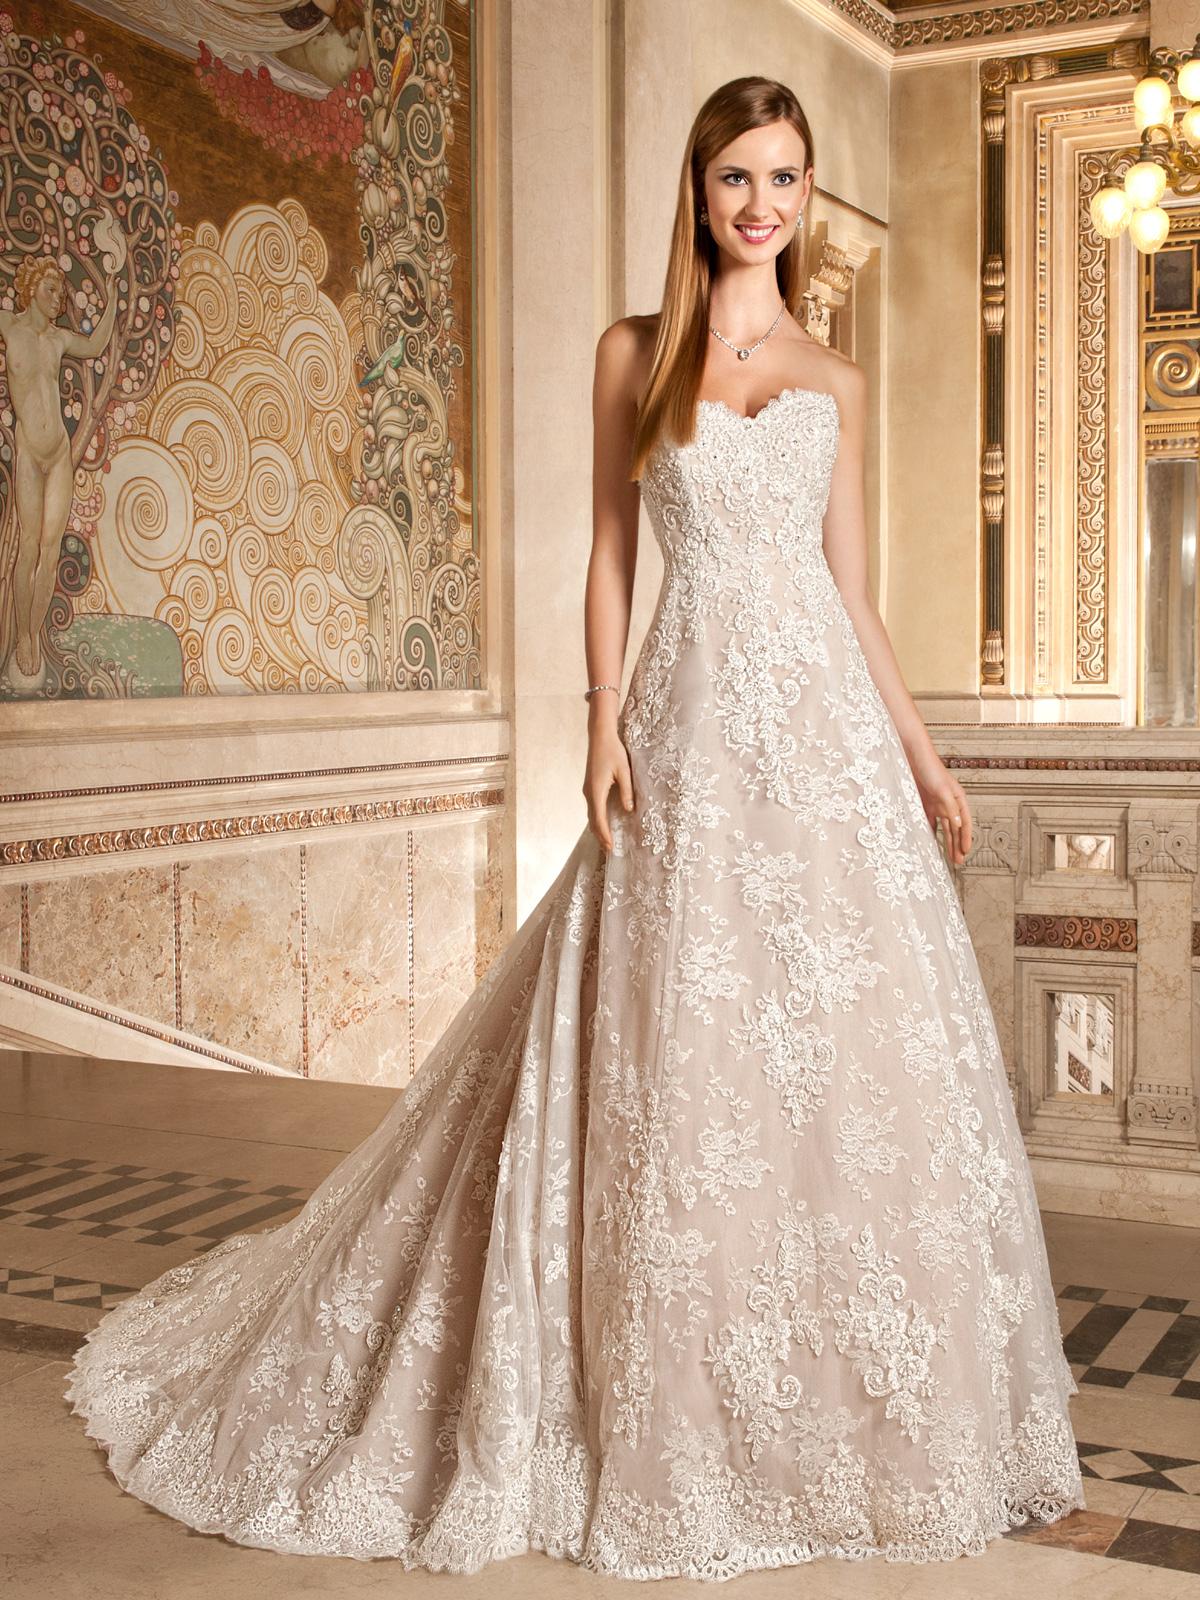 Vestido de Noiva tomara que caia, corte evasê clássico, todo em renda francesa rebordada em pedrarias, leve cauda.